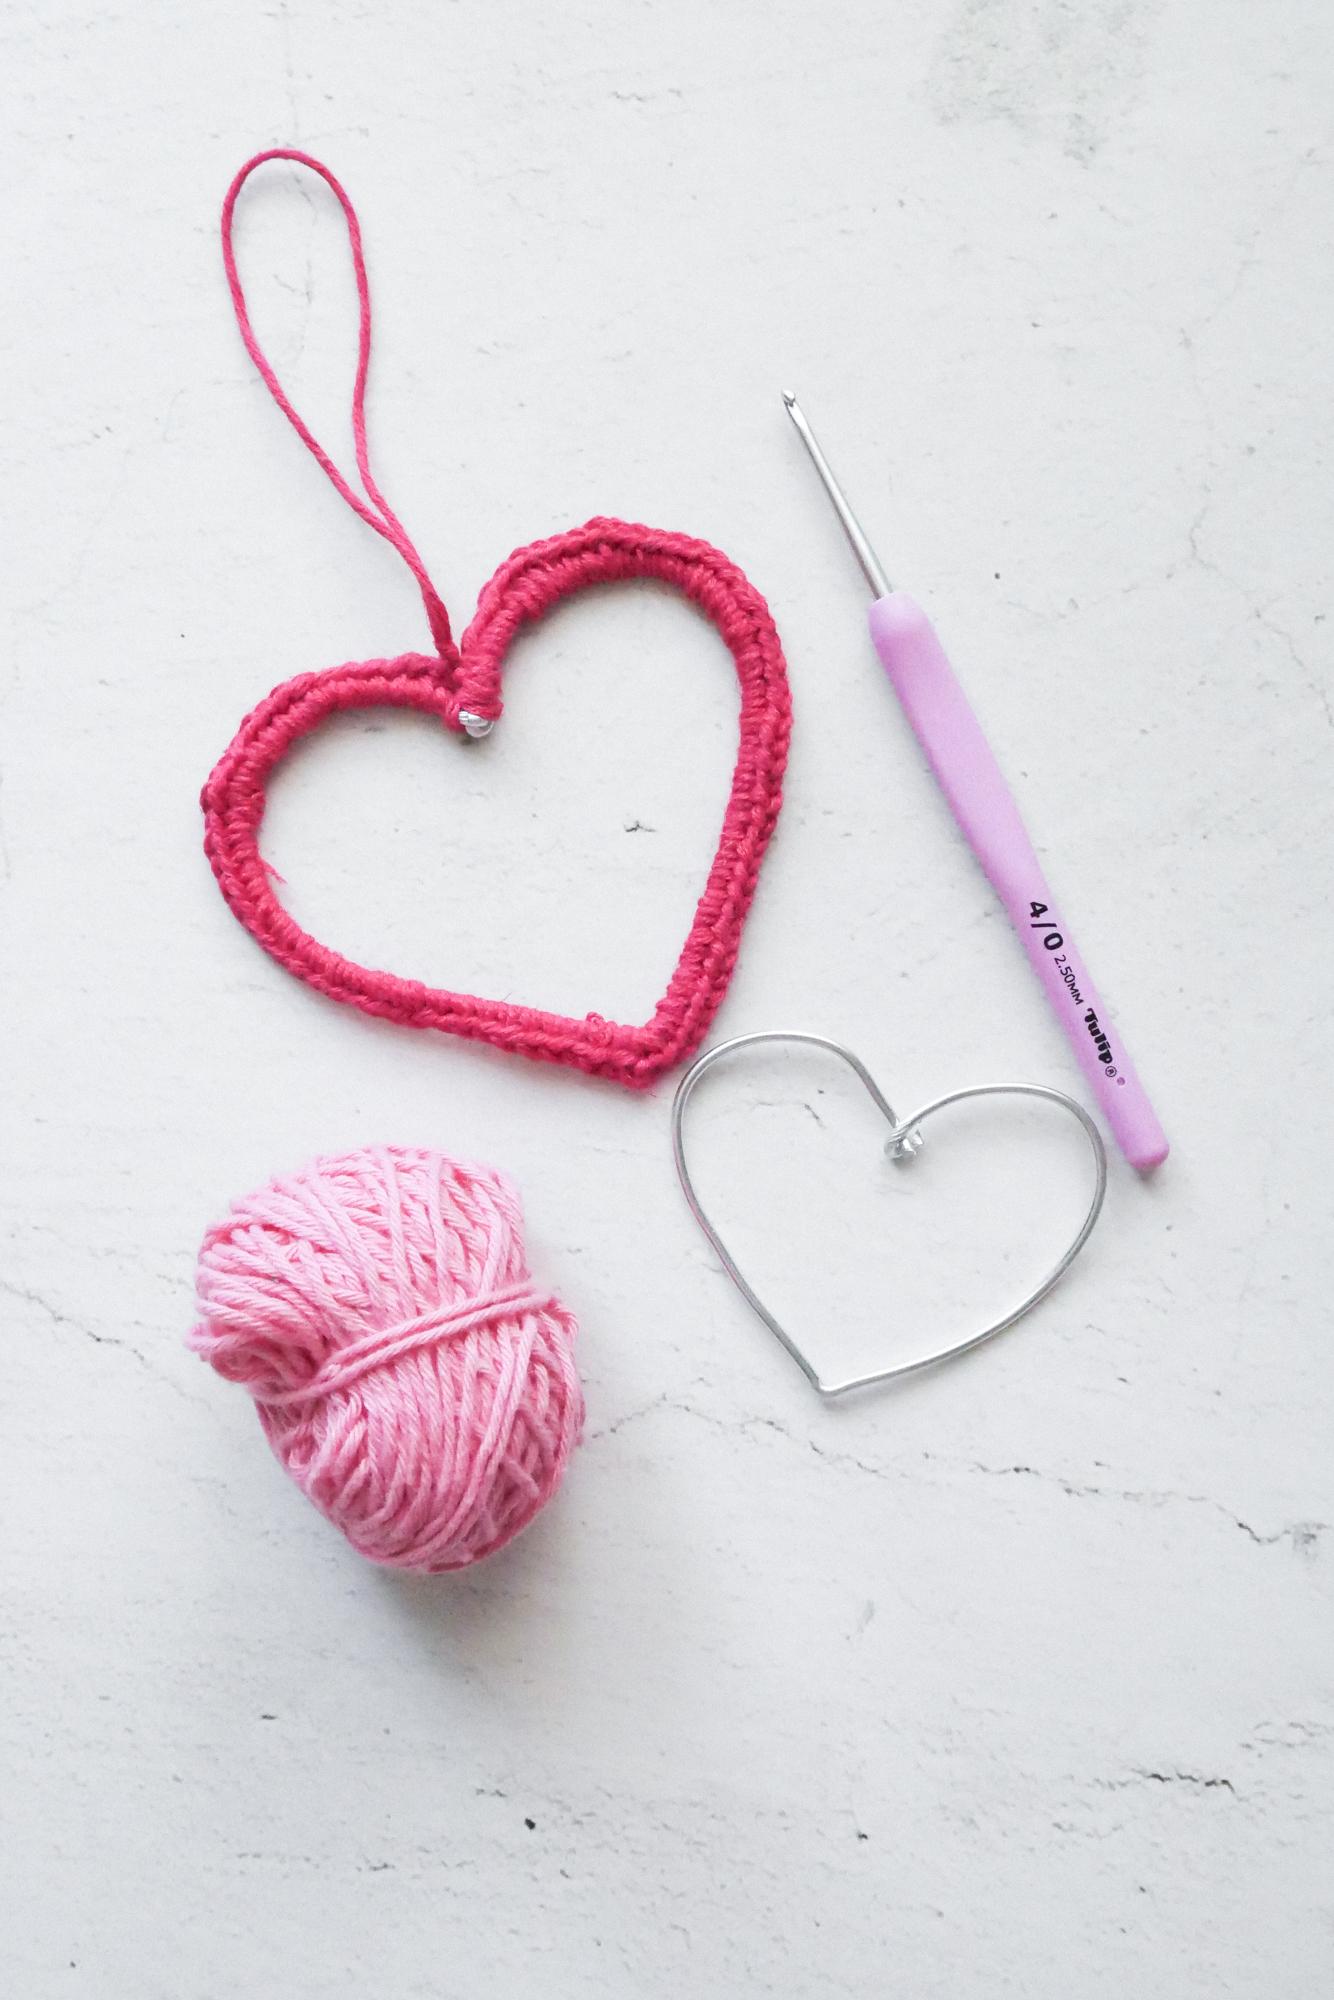 Drahtherzen umhäkeln für Valentinstag